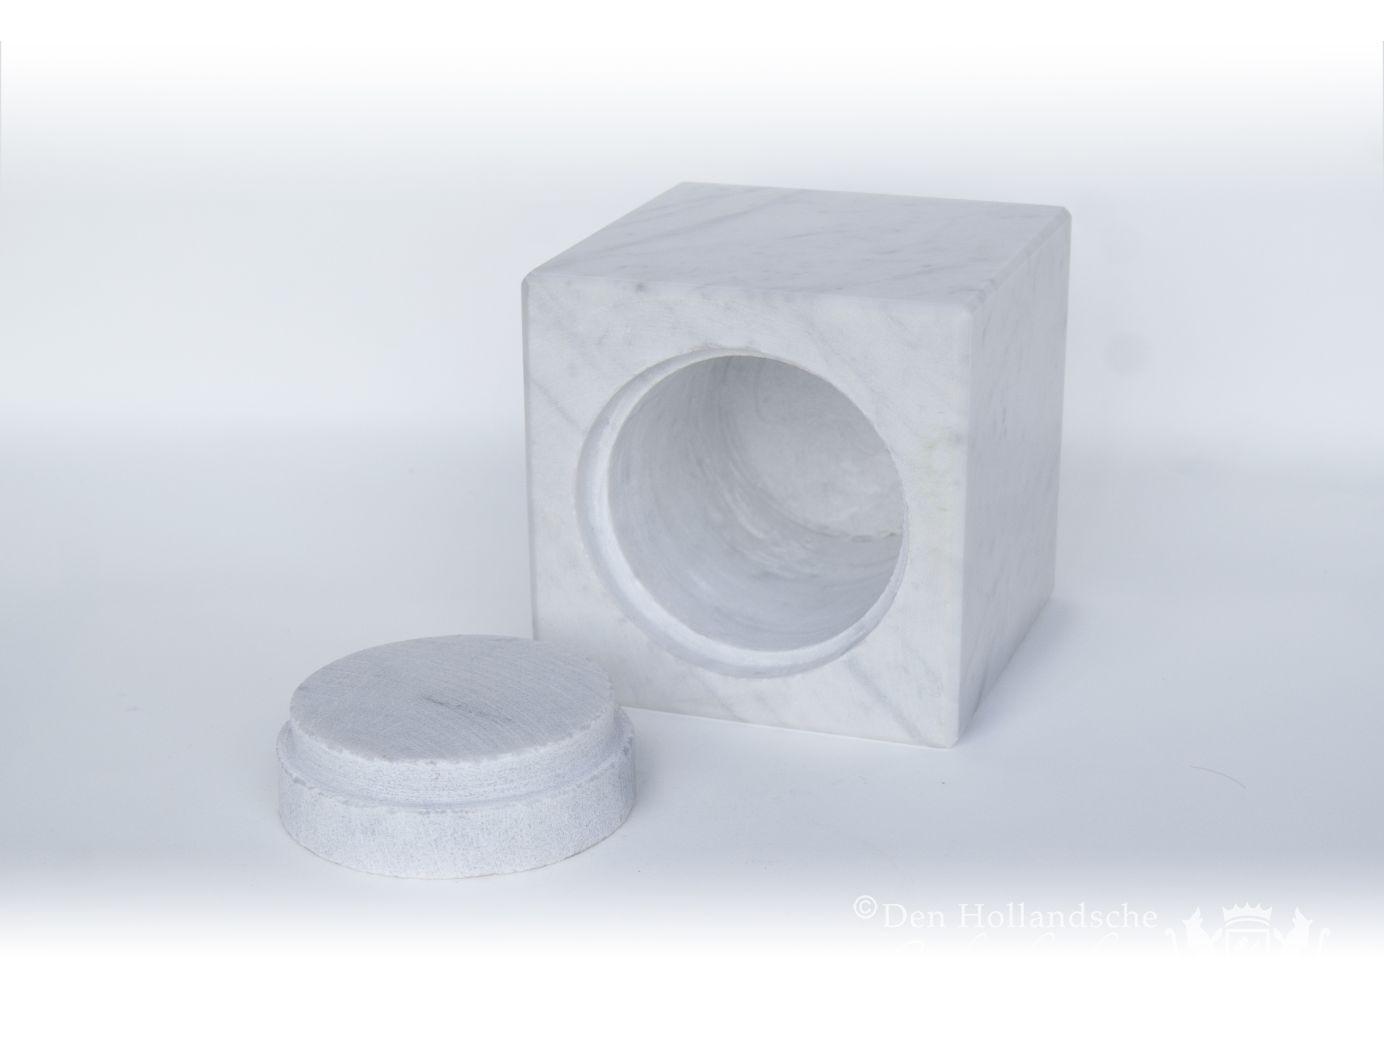 Worldtegelexpo keramisch natuursteen